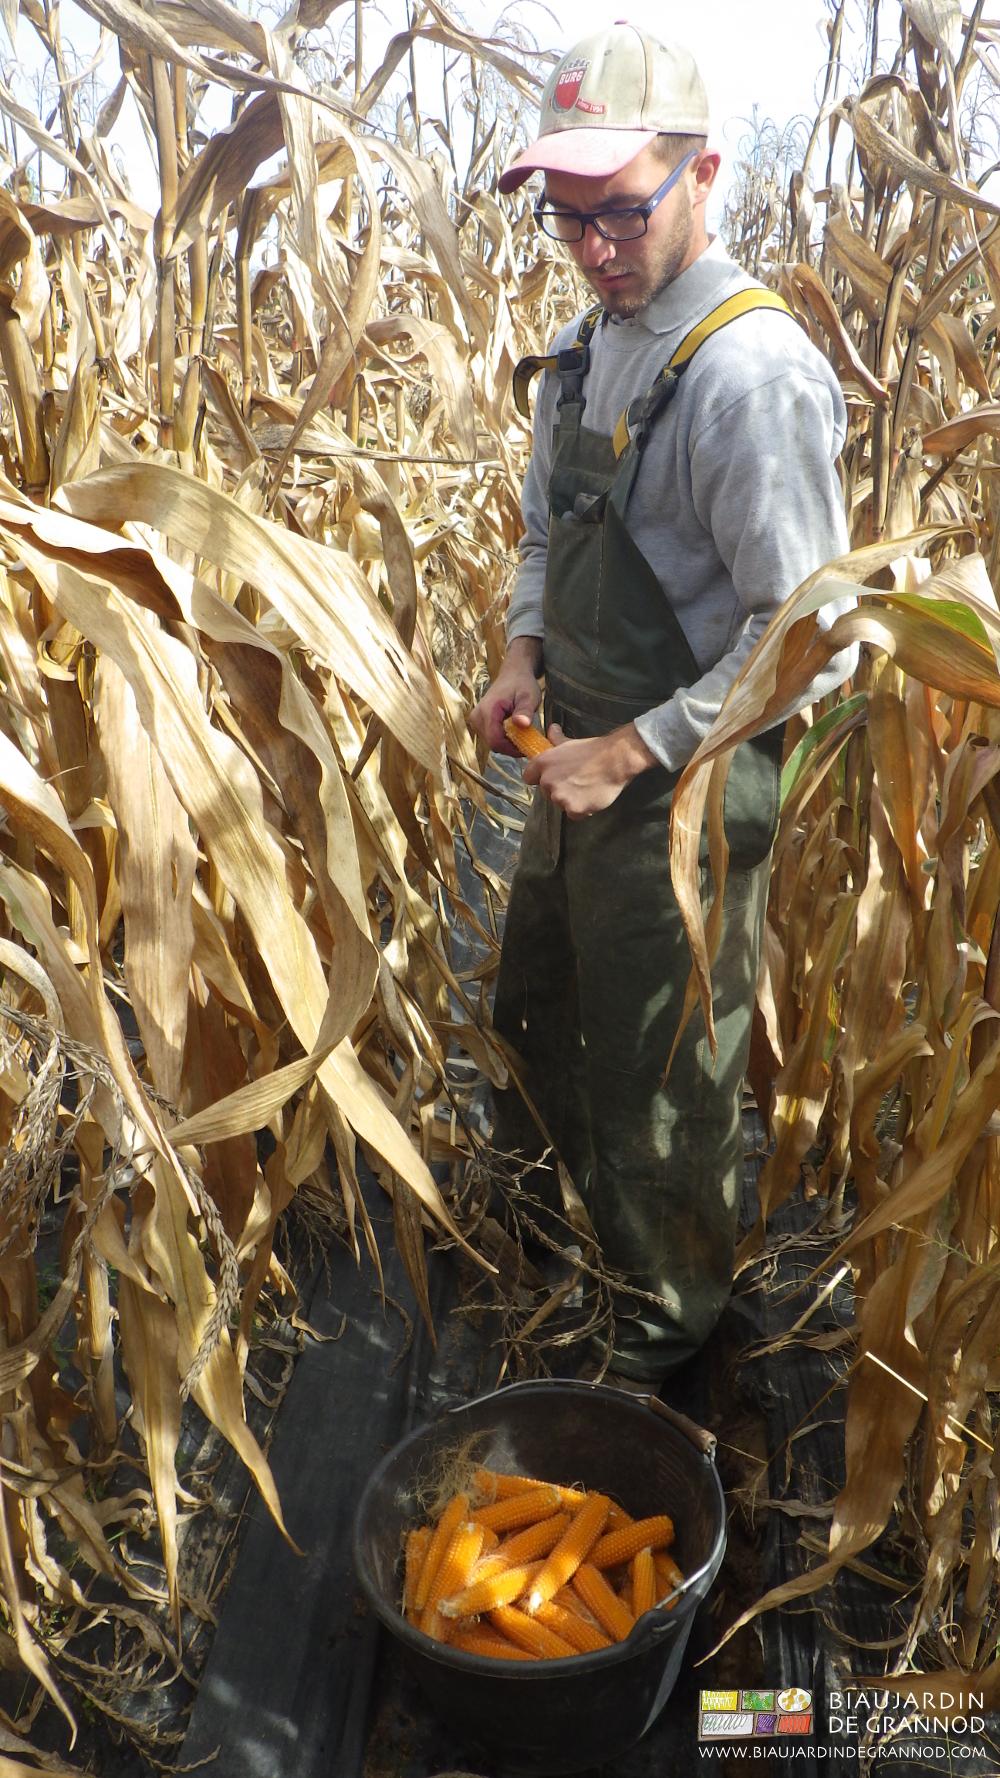 Échaillage du maïs pop-corn lors de la récolte